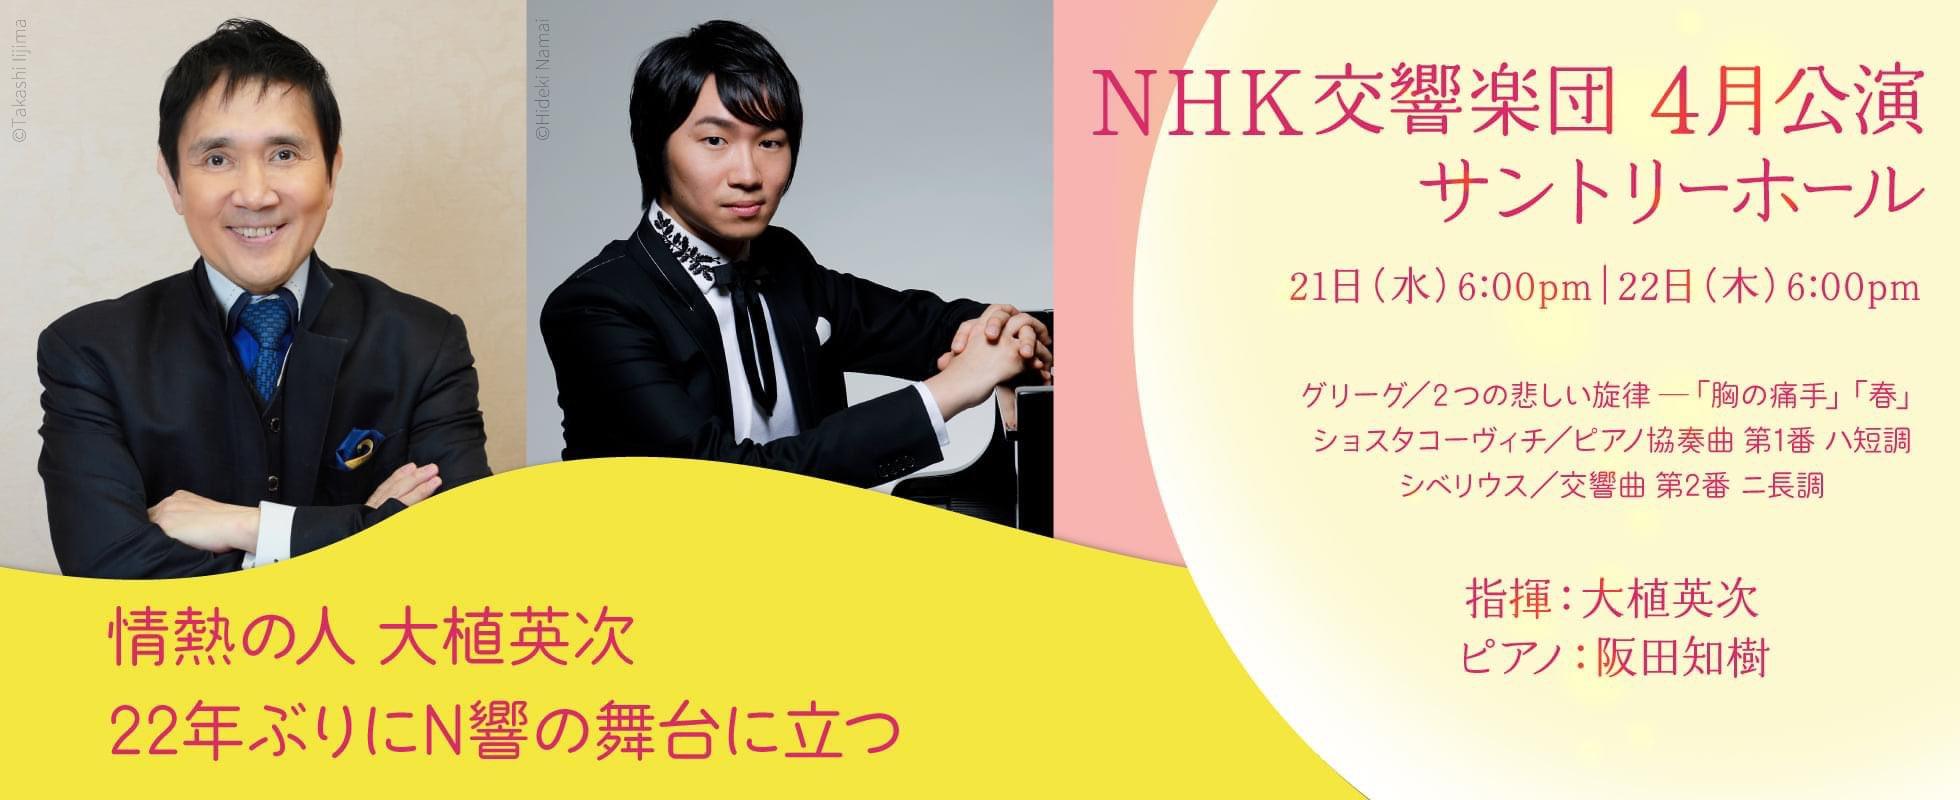 NHK交響楽団 4⽉公演 サントリーホール